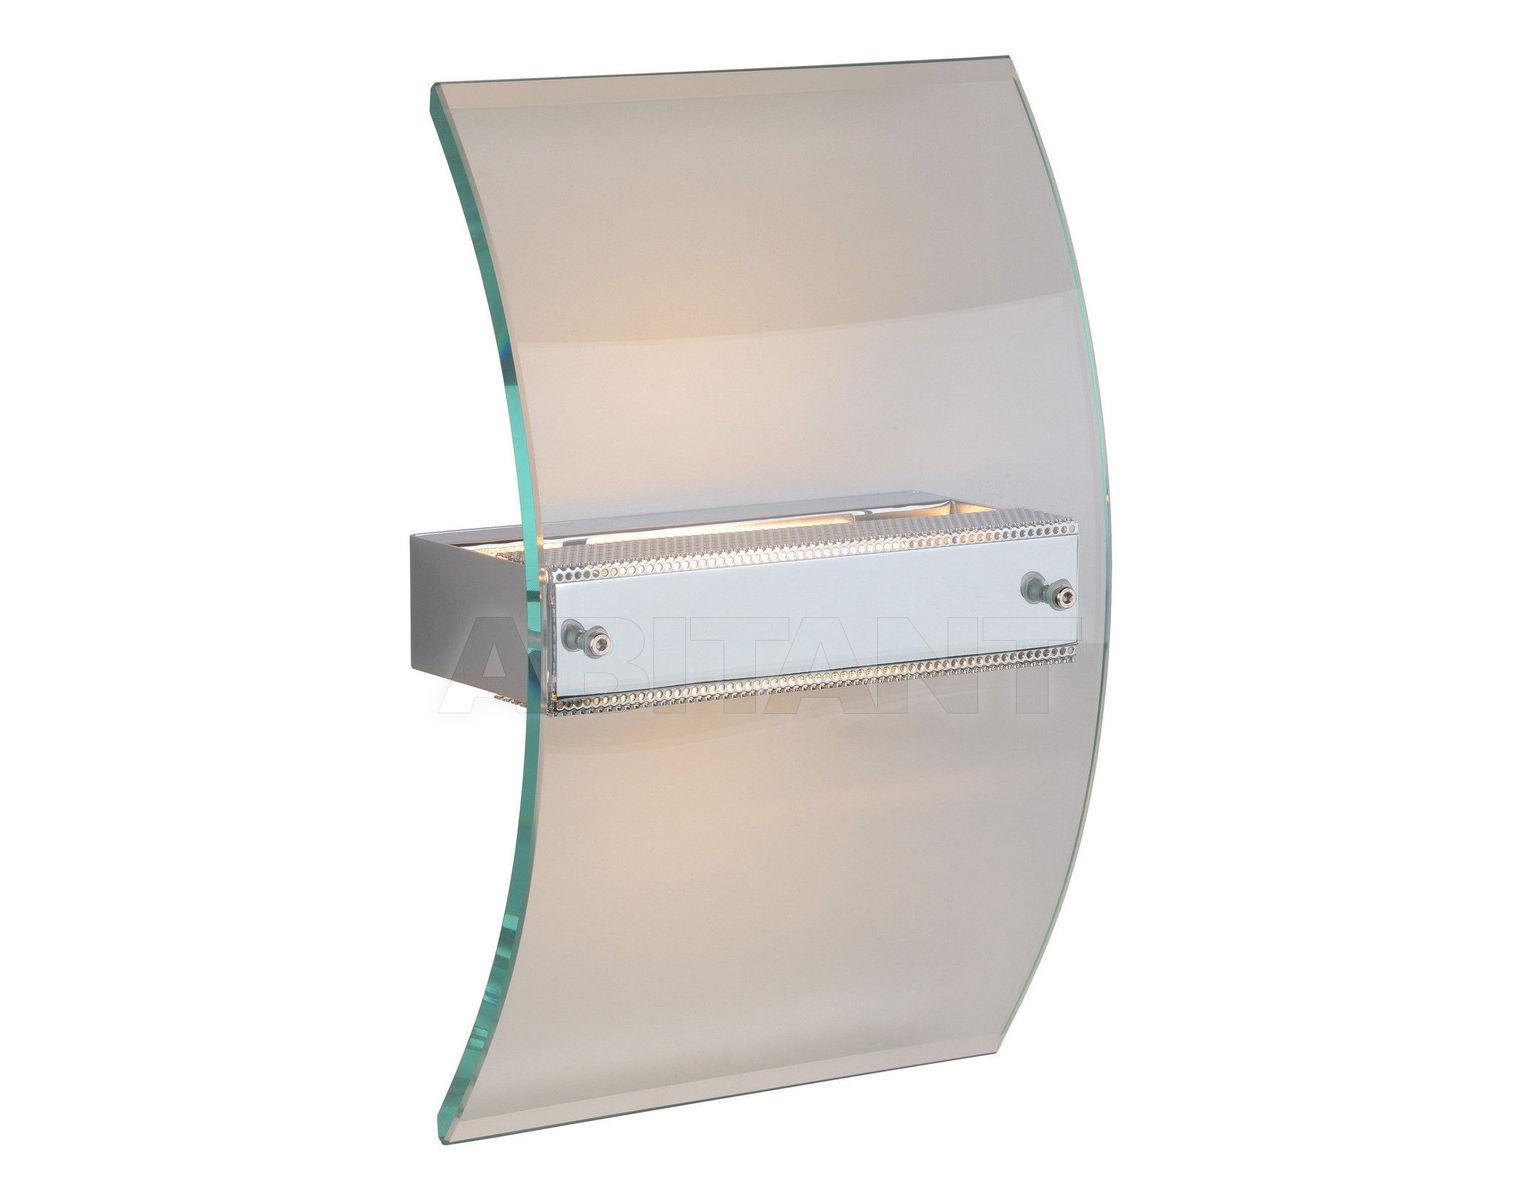 Купить Светильник настенный GITANE Lucide  Ceiling & Wall Lights 12287/21/60